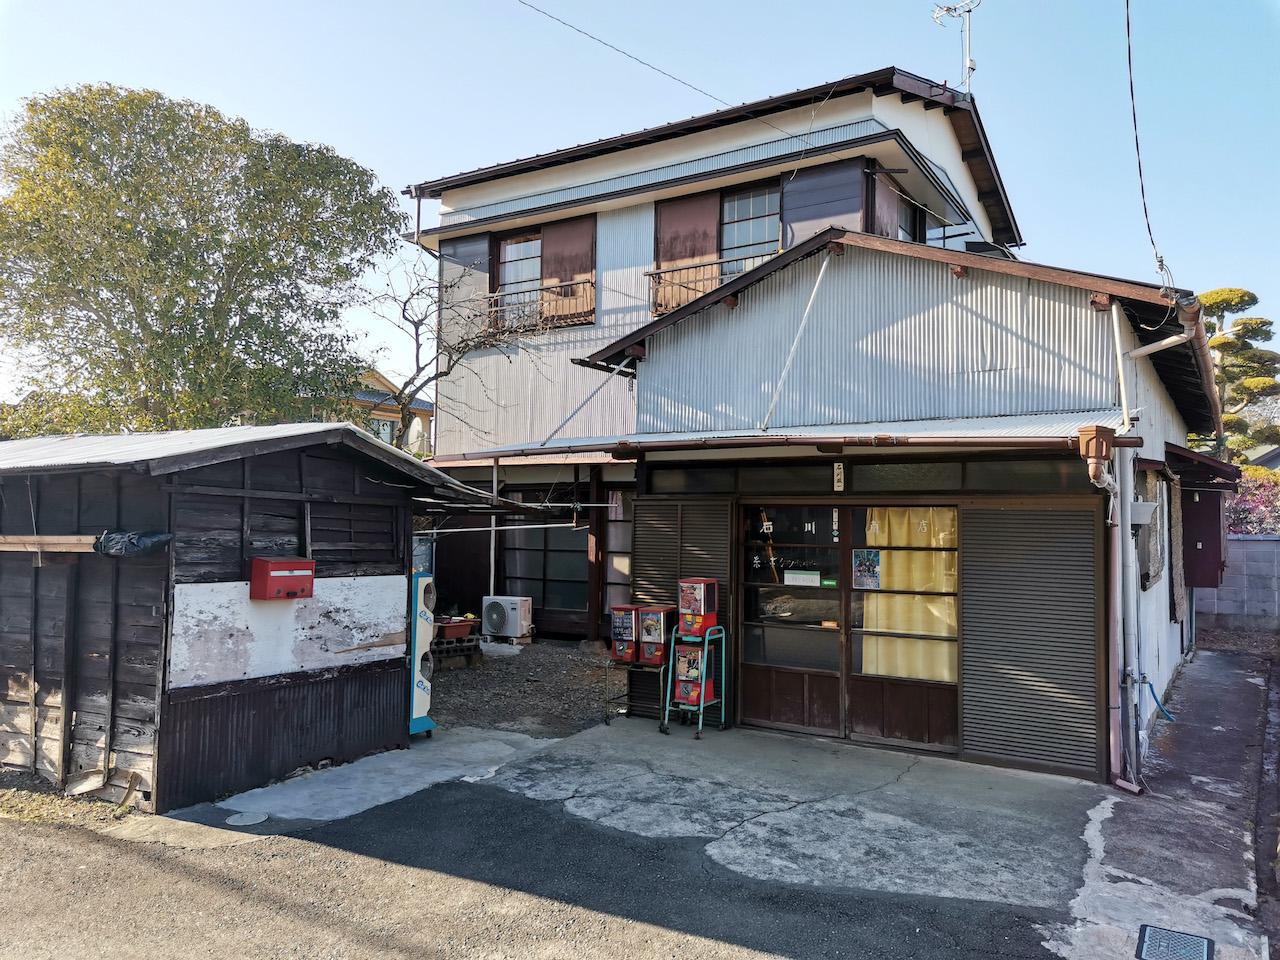 いながきの駄菓子屋探訪34静岡県沼津市石川商店